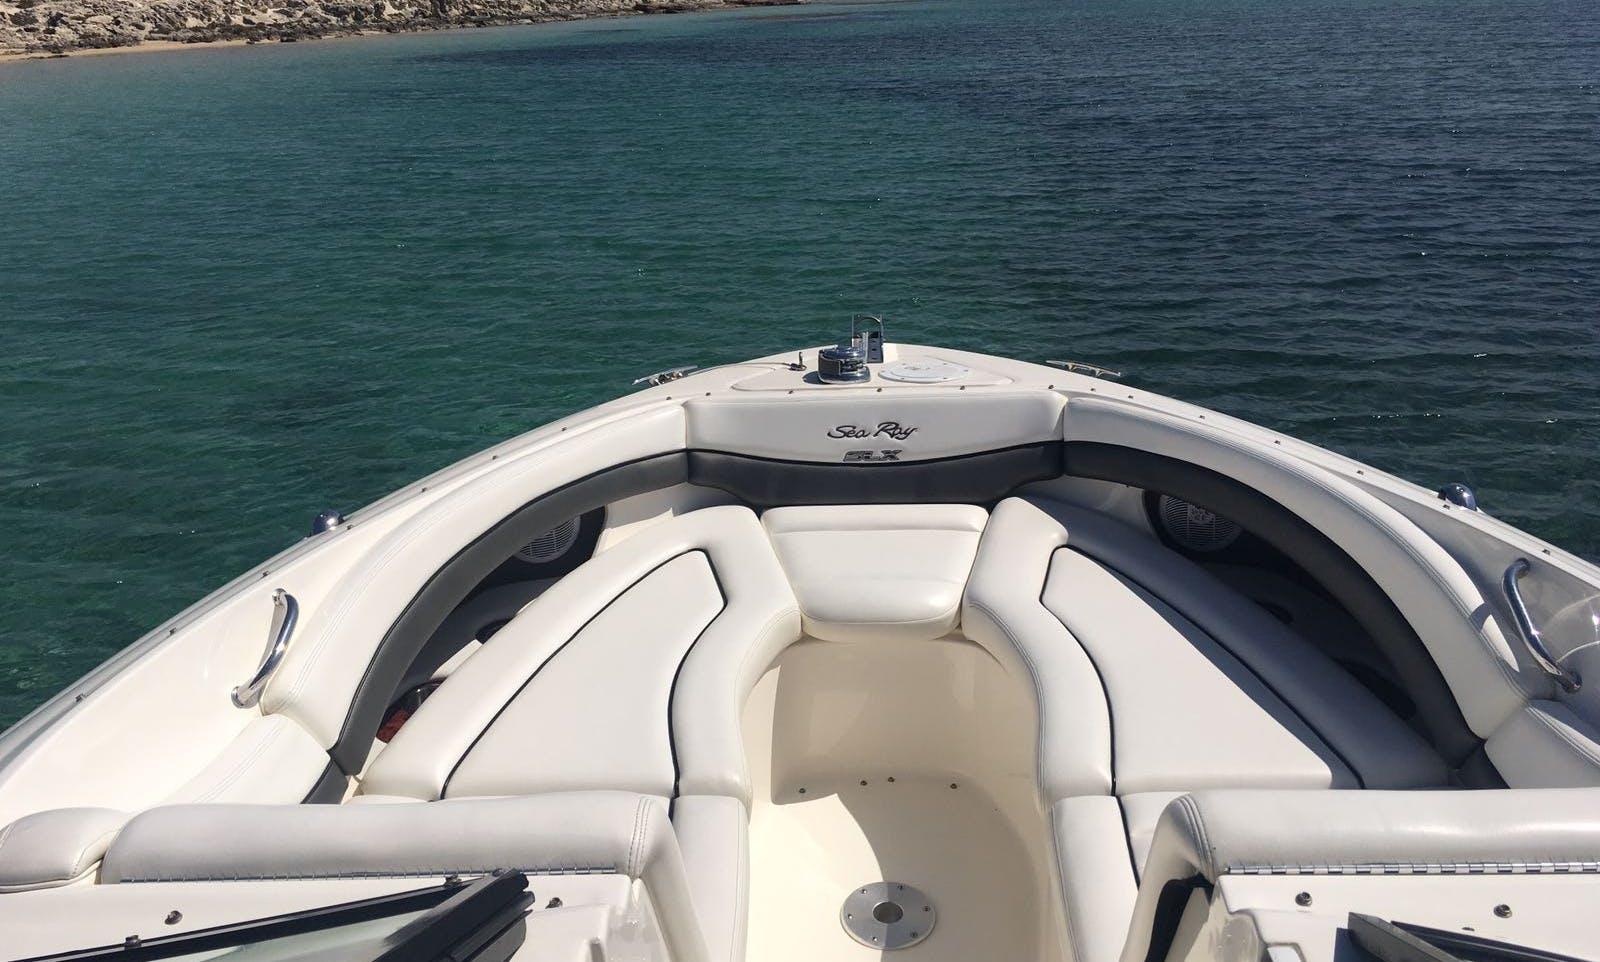 Sea Ray 290 SLX bowrider rental in Eivissa